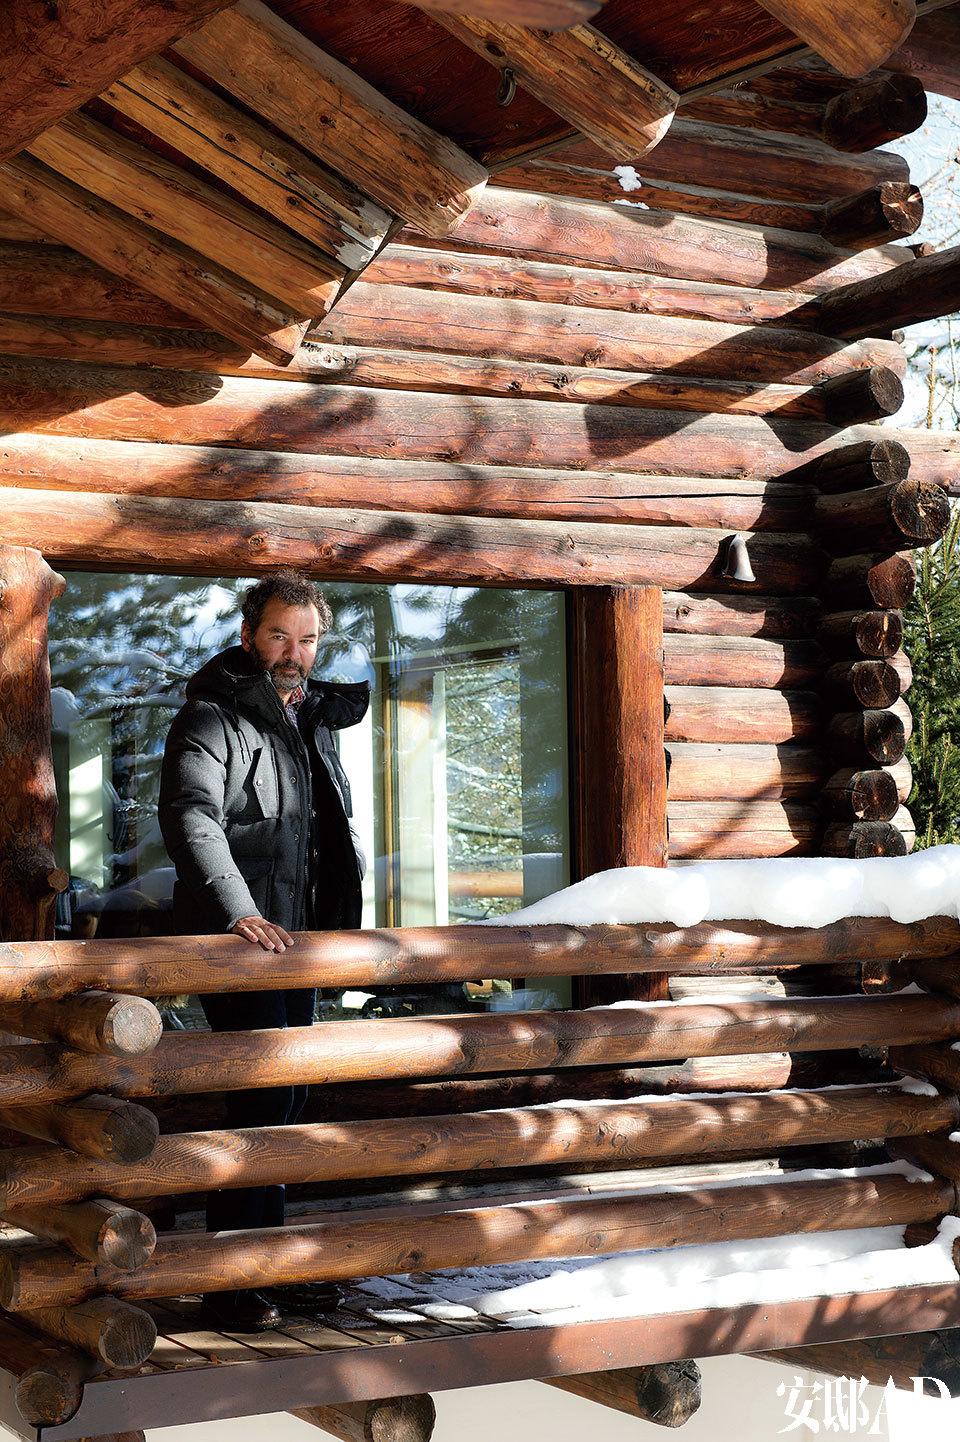 主人: Remo Ruffini,Moncler品牌总裁兼创意总监。2003年,他买下了这个品牌的大部分股权,重点开发轻羽绒的运动线,并在全球范围拓展时尚领域的新设计。他的明星客户中不乏麦当娜、格温妮丝·帕特洛等。他热爱滑雪与飞行,与妻Francesca育有两个儿子Pietro和Romeo。Ruffini从自家院子里望着山野美景。